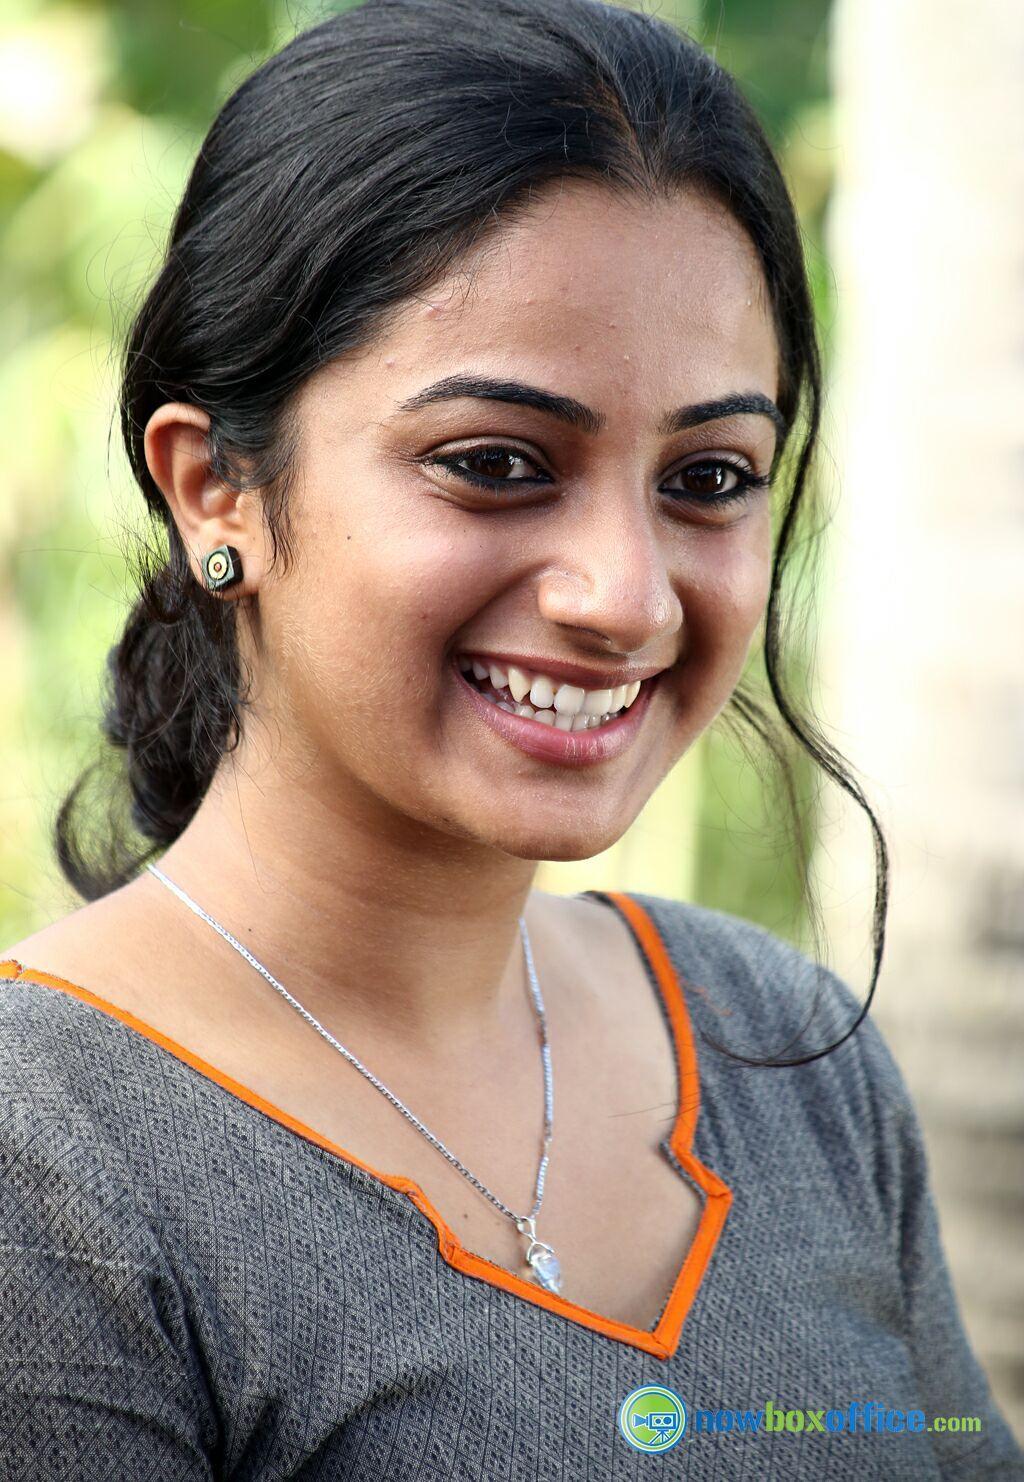 namitha pramod hotnamitha pramod photos, namitha pramod wiki, namitha pramod plus two result, namitha pramod age, namitha pramod profile, namitha pramod hot, namitha pramod facebook, namitha pramod navel, namitha pramod hd photos, namitha pramod height, namitha pramod hot photos, namitha pramod caste, namitha pramod in saree, namitha pramod hd, namitha pramod feet, namitha pramod family, namitha pramod kodeeswaran, namitha pramod upcoming movies